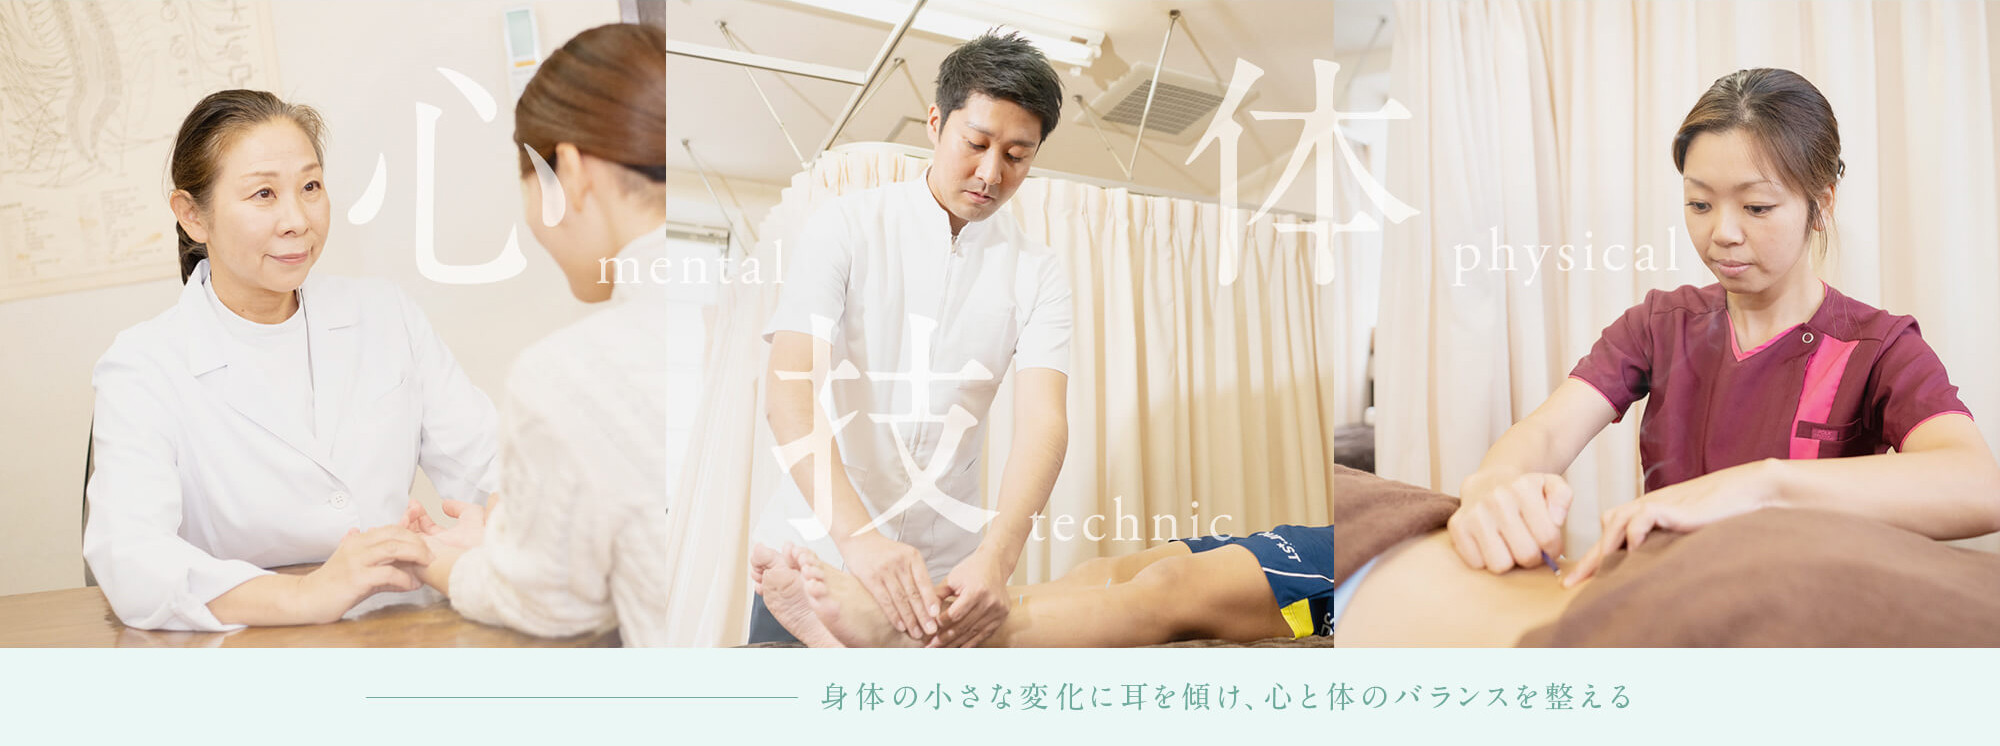 身体の小さな変化に耳を傾け、心と体のバランスを整える 名取中央治療院